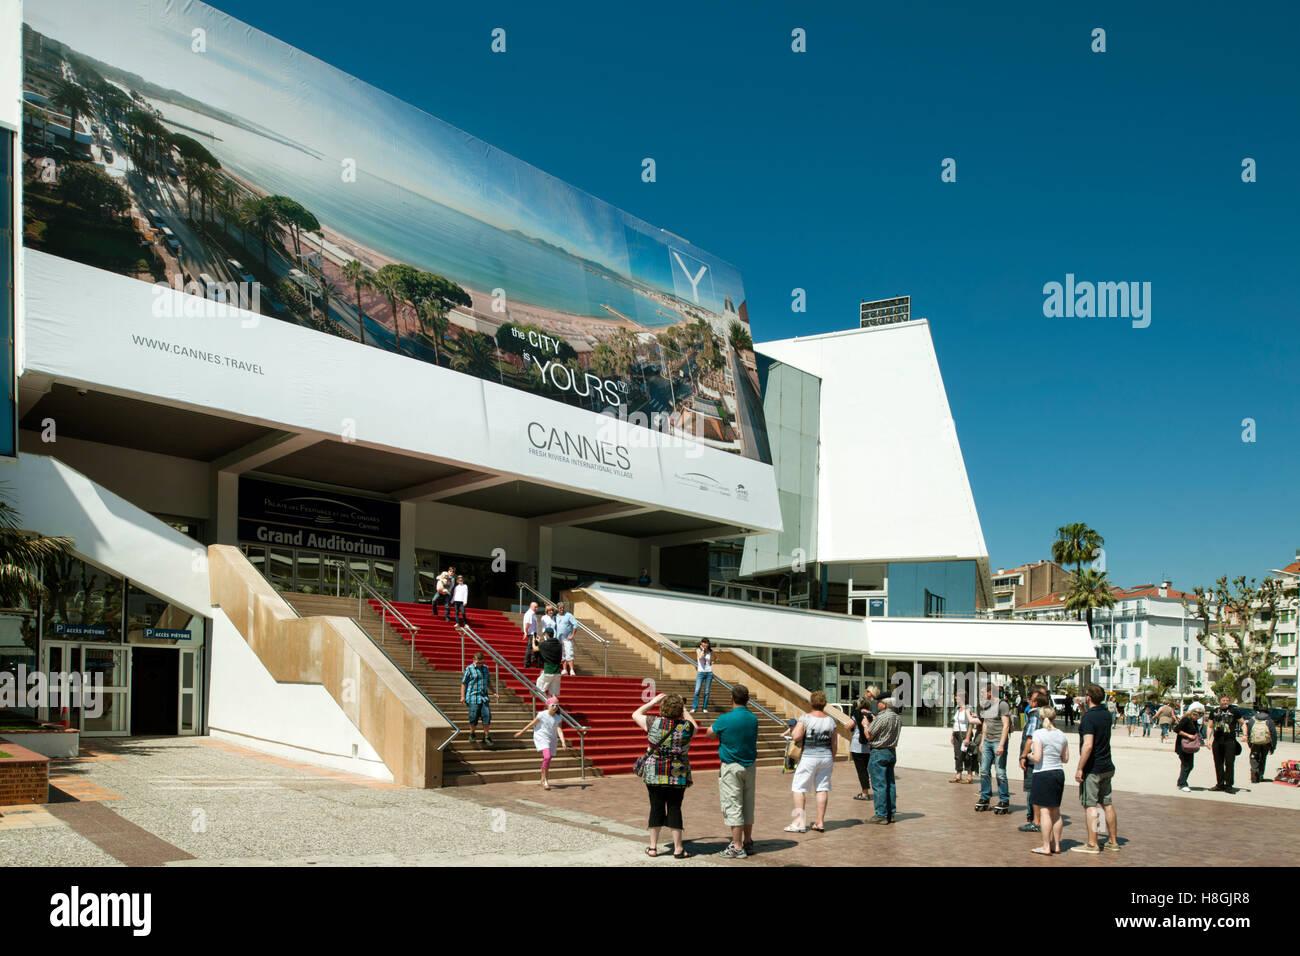 Frankreich, Cote d Azur, Cannes, die Internationalen Filmfestspiele finden im  Palais des Festivals statt. - Stock Image